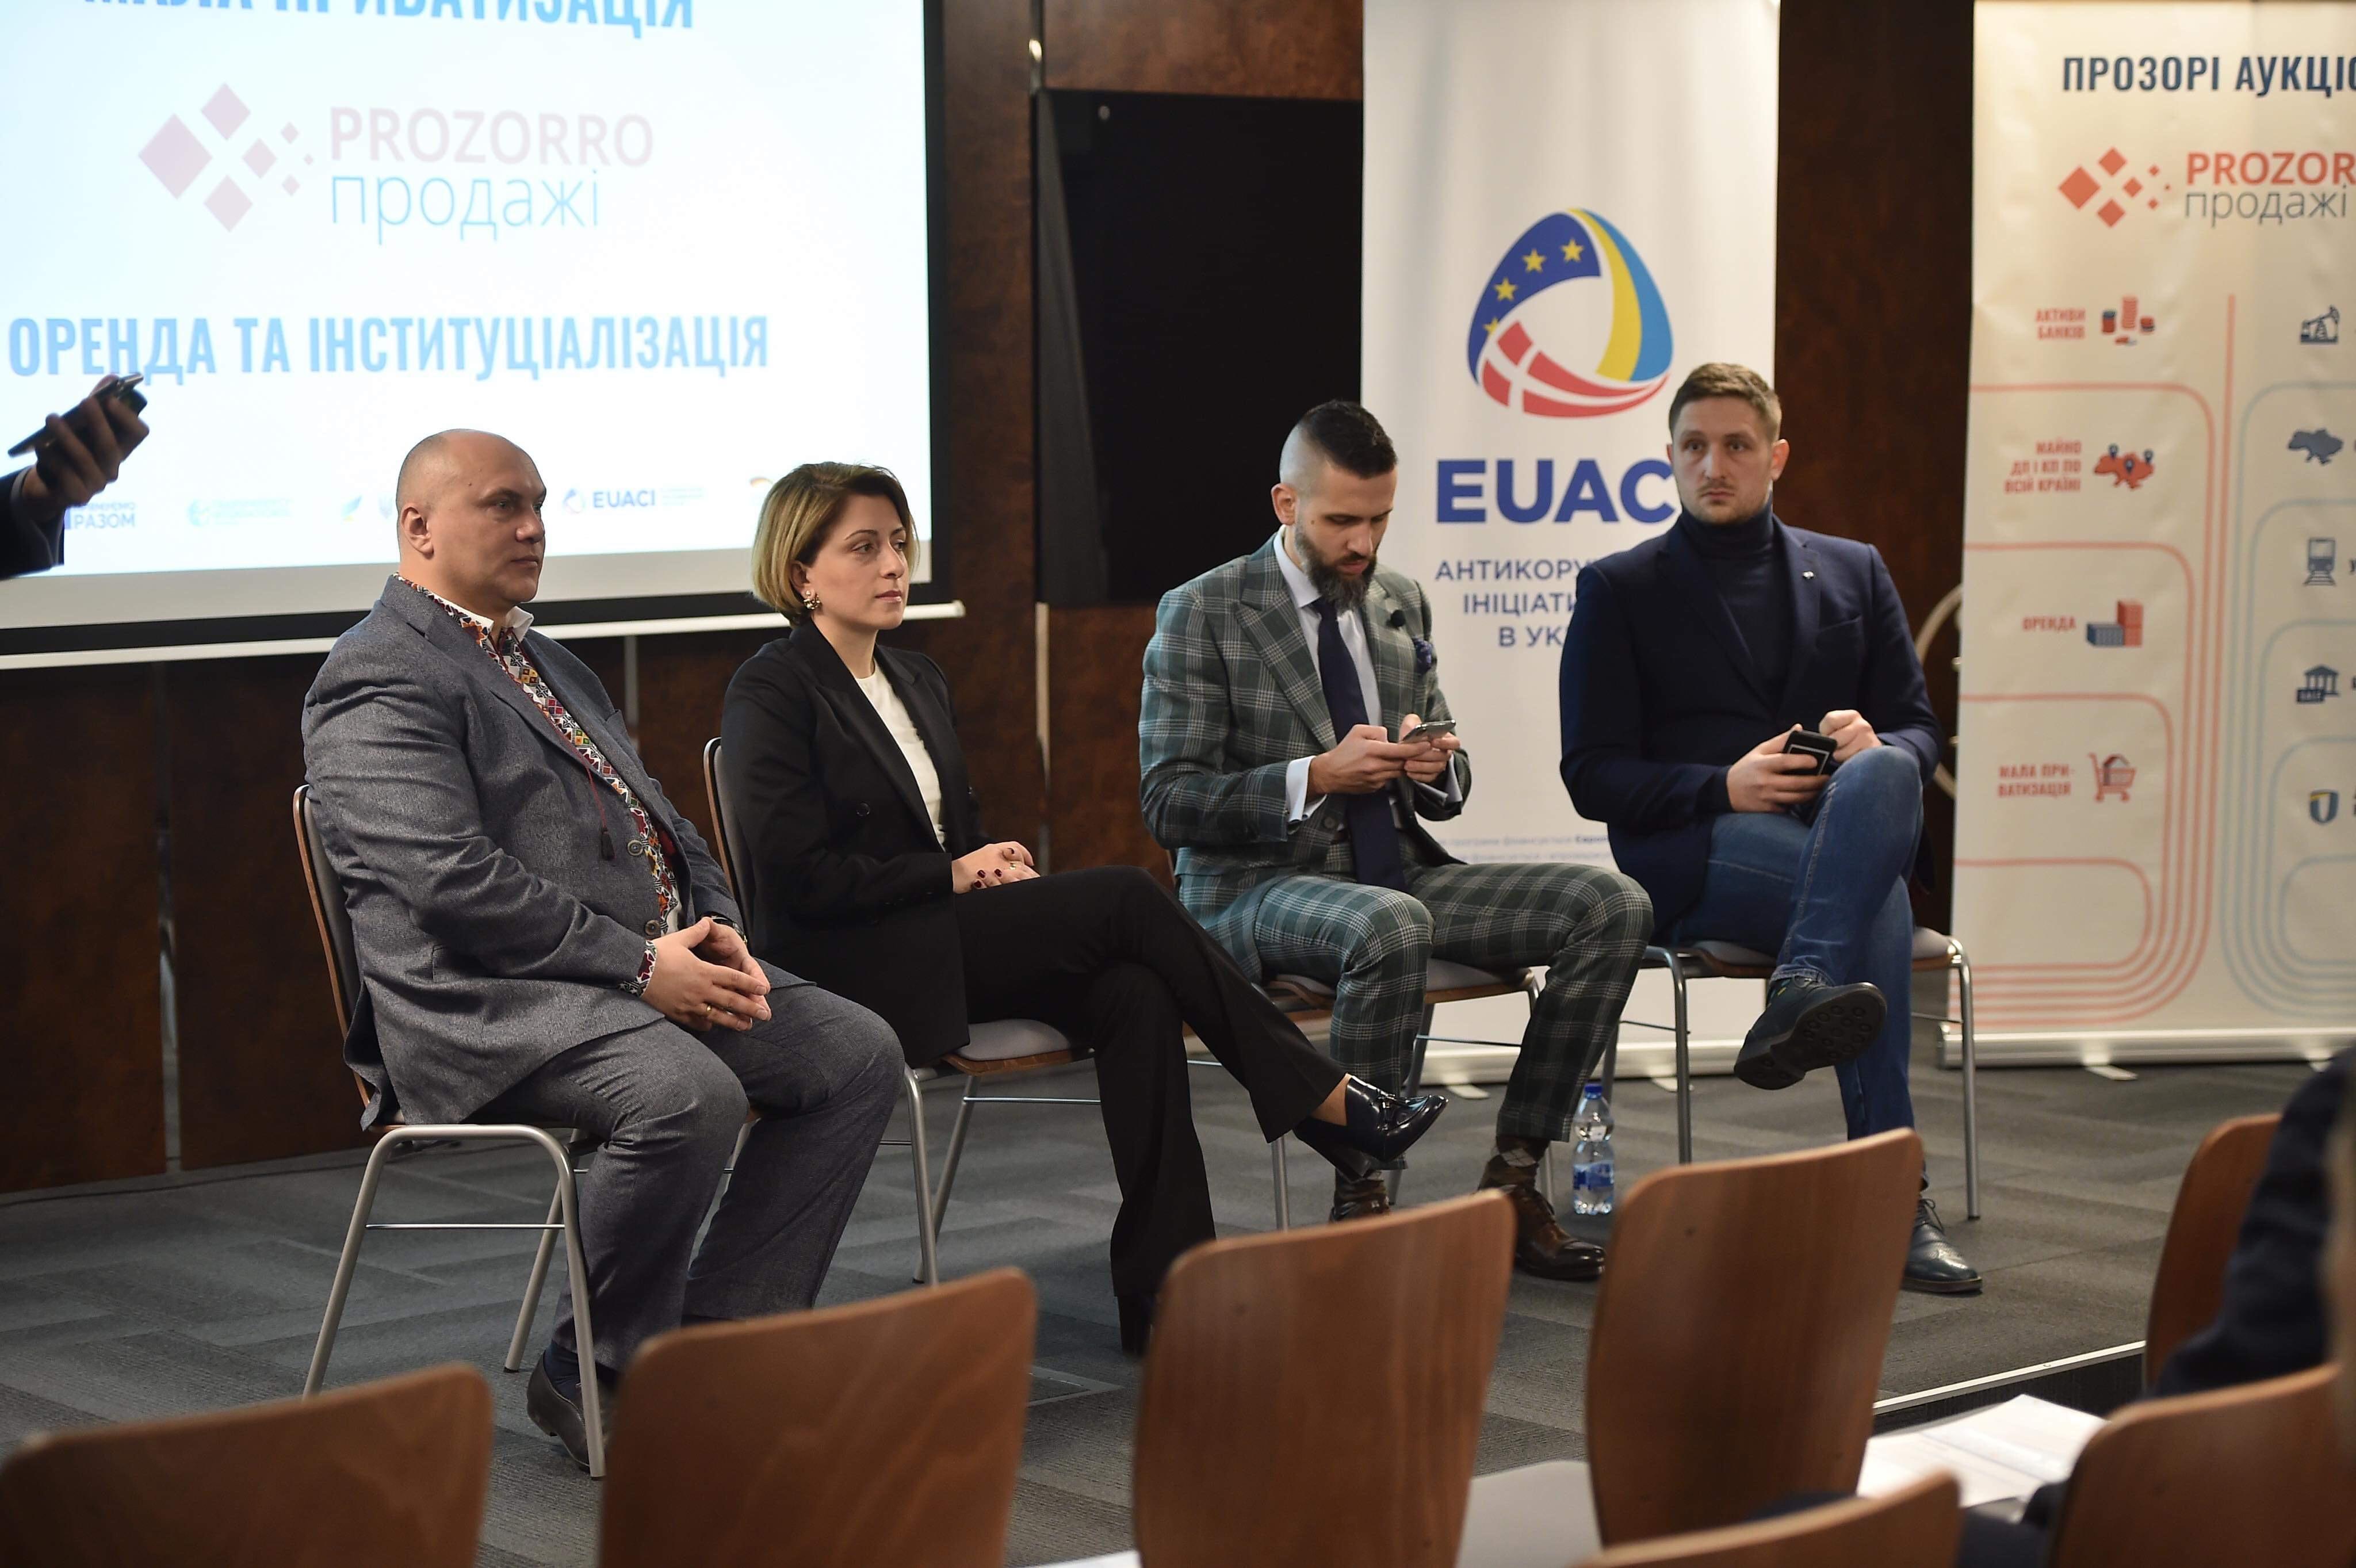 Антикорупційна ініціатива ЄС допомагає розвивати в Україні малу приватизацію та систему державних продажів